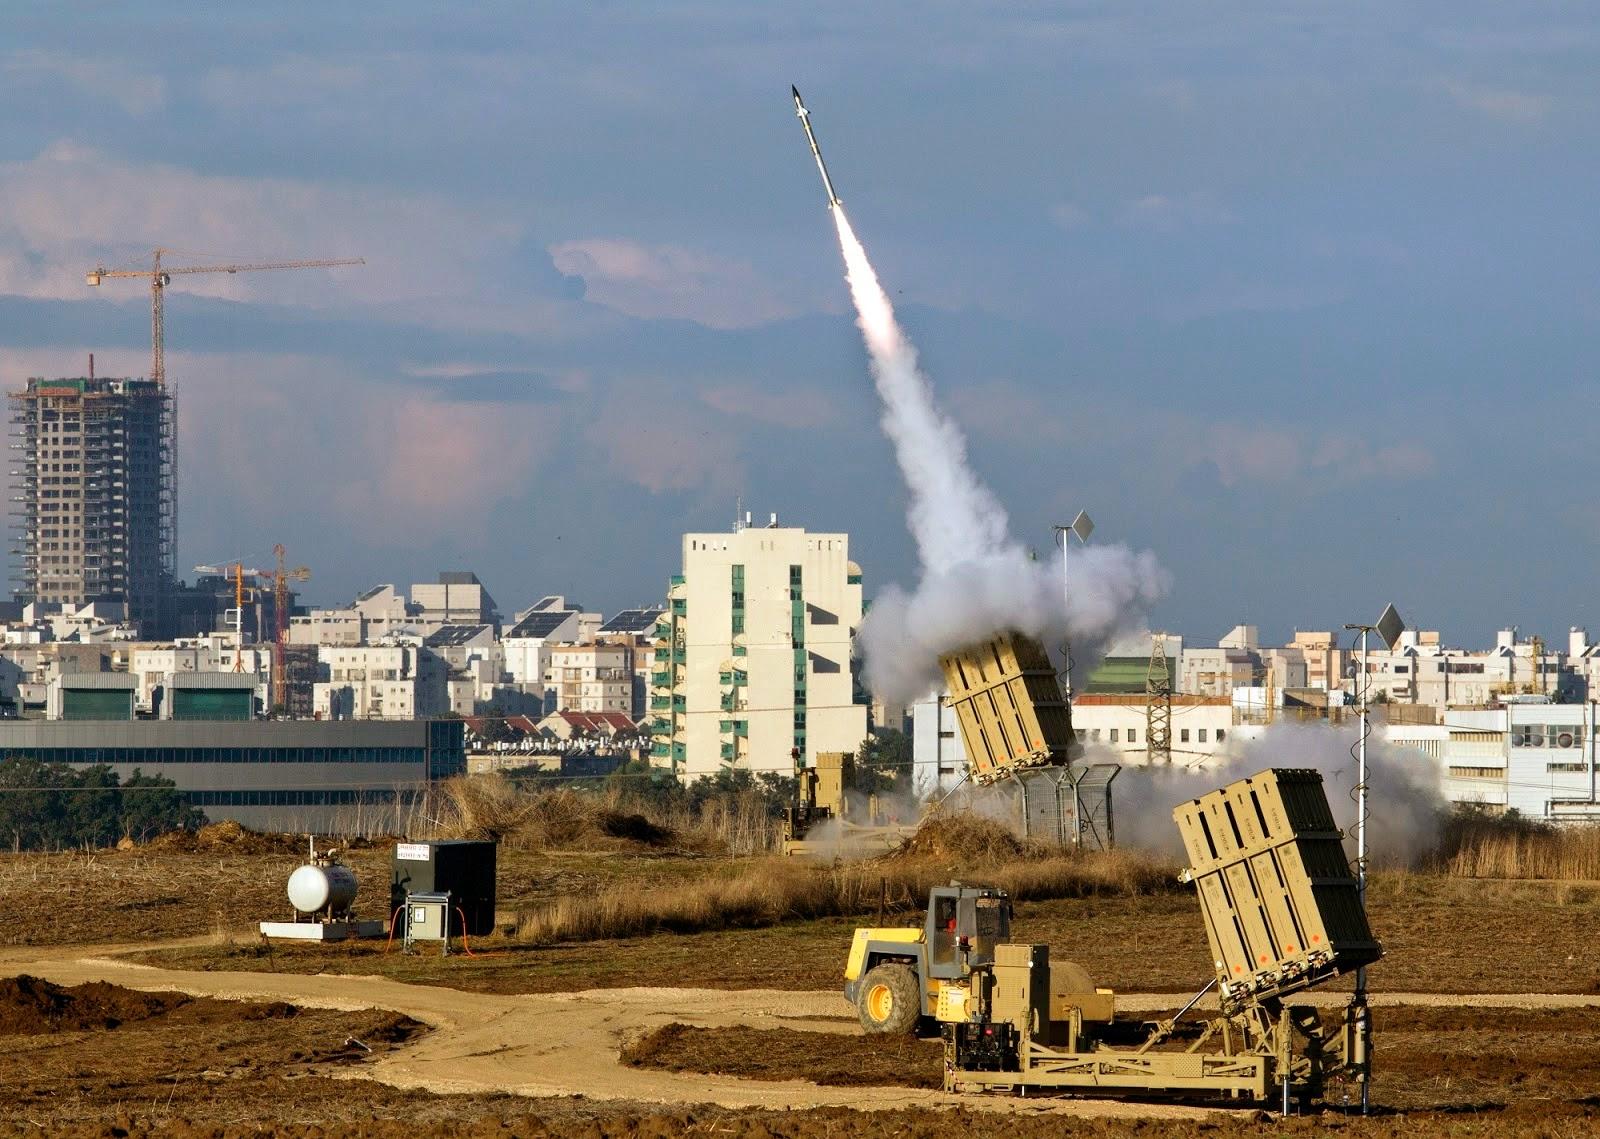 """صفارات الإنذار تدوي في سماء """"مستوطنات غلاف غزة"""" والإعلام العبري يتحدث عن إعتراض هدف"""